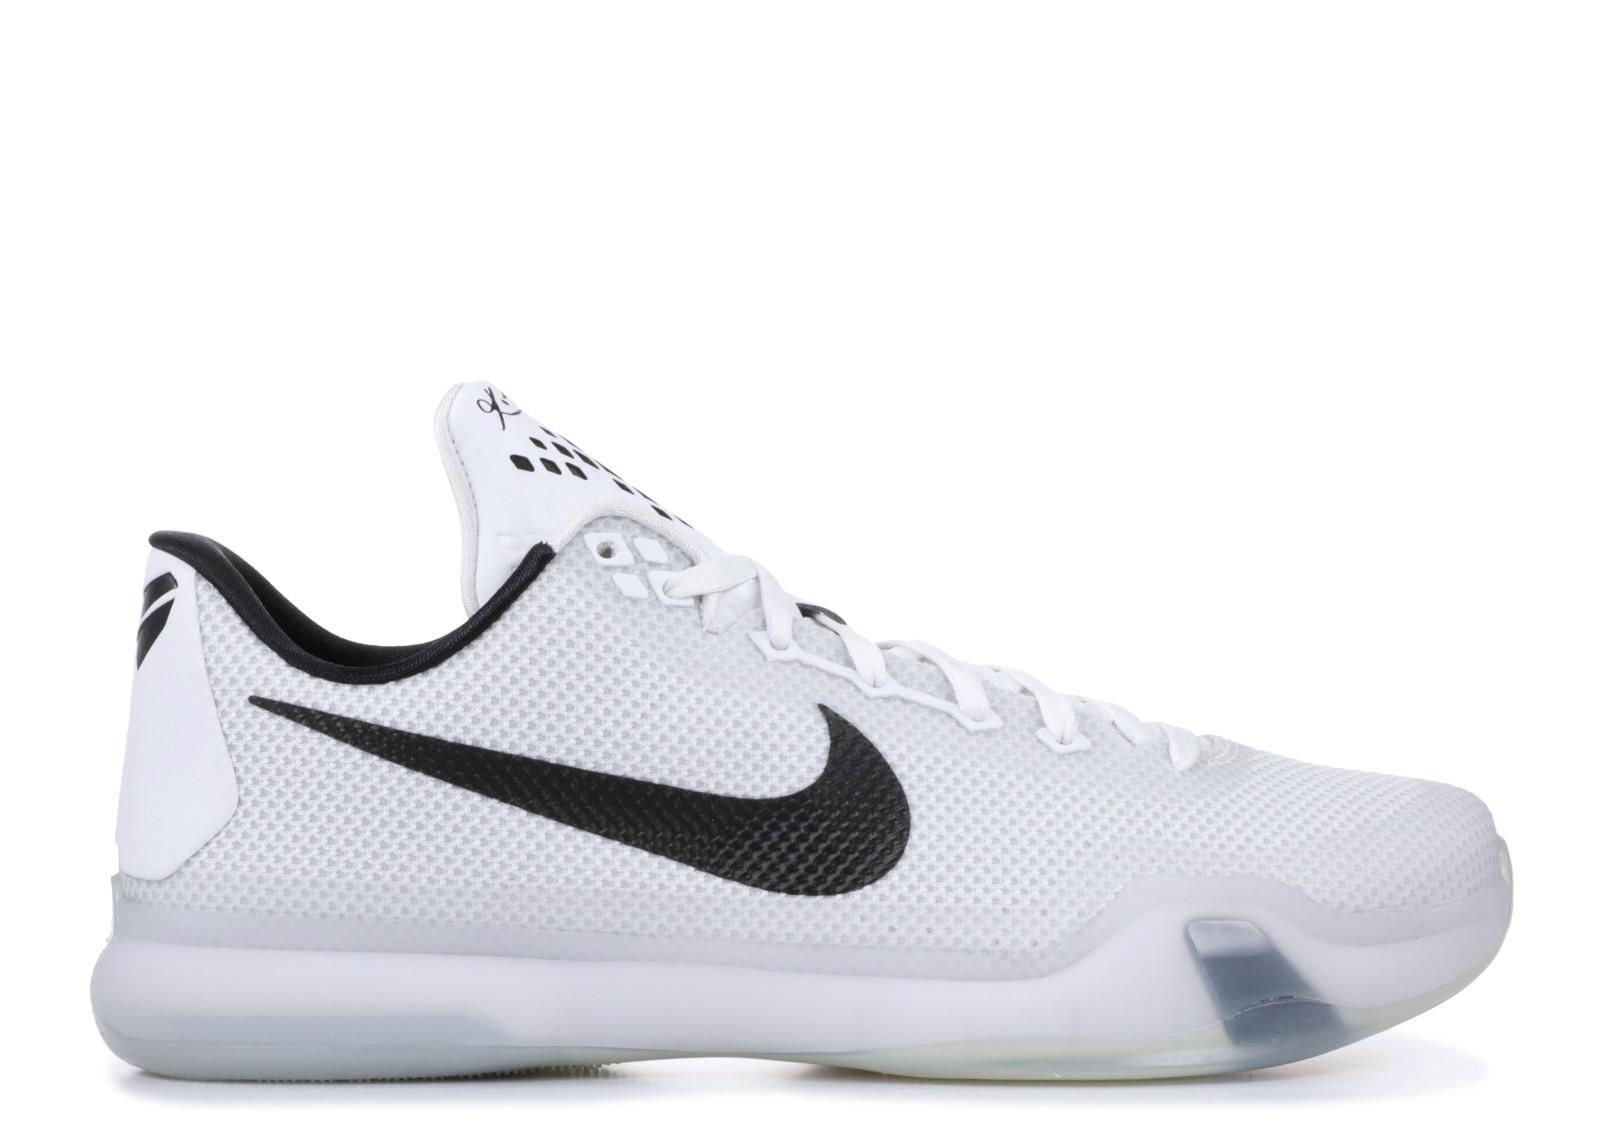 Paul George's Nike Kobe 10 Shoes